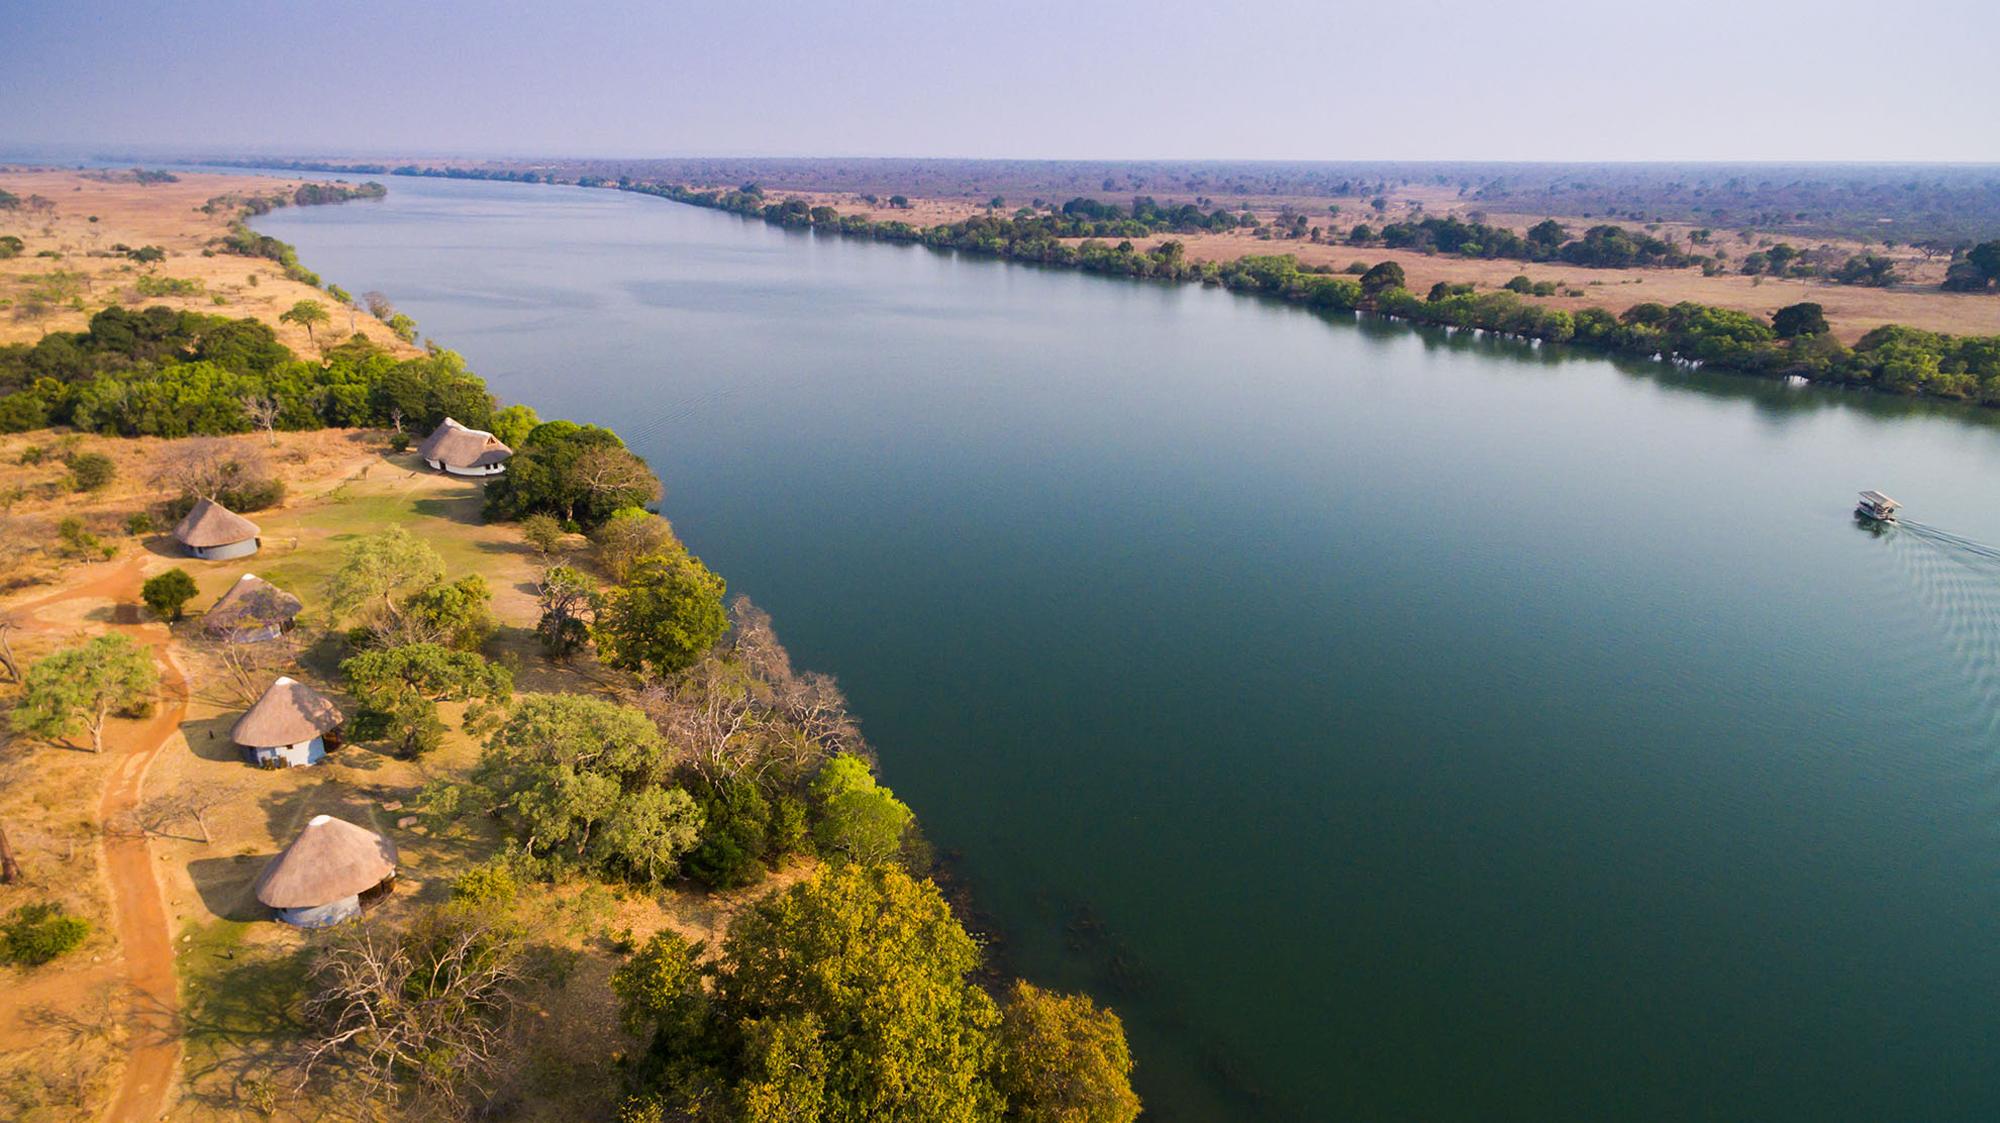 Aerial view of Mukambi Safari Lodge and the Kafue River